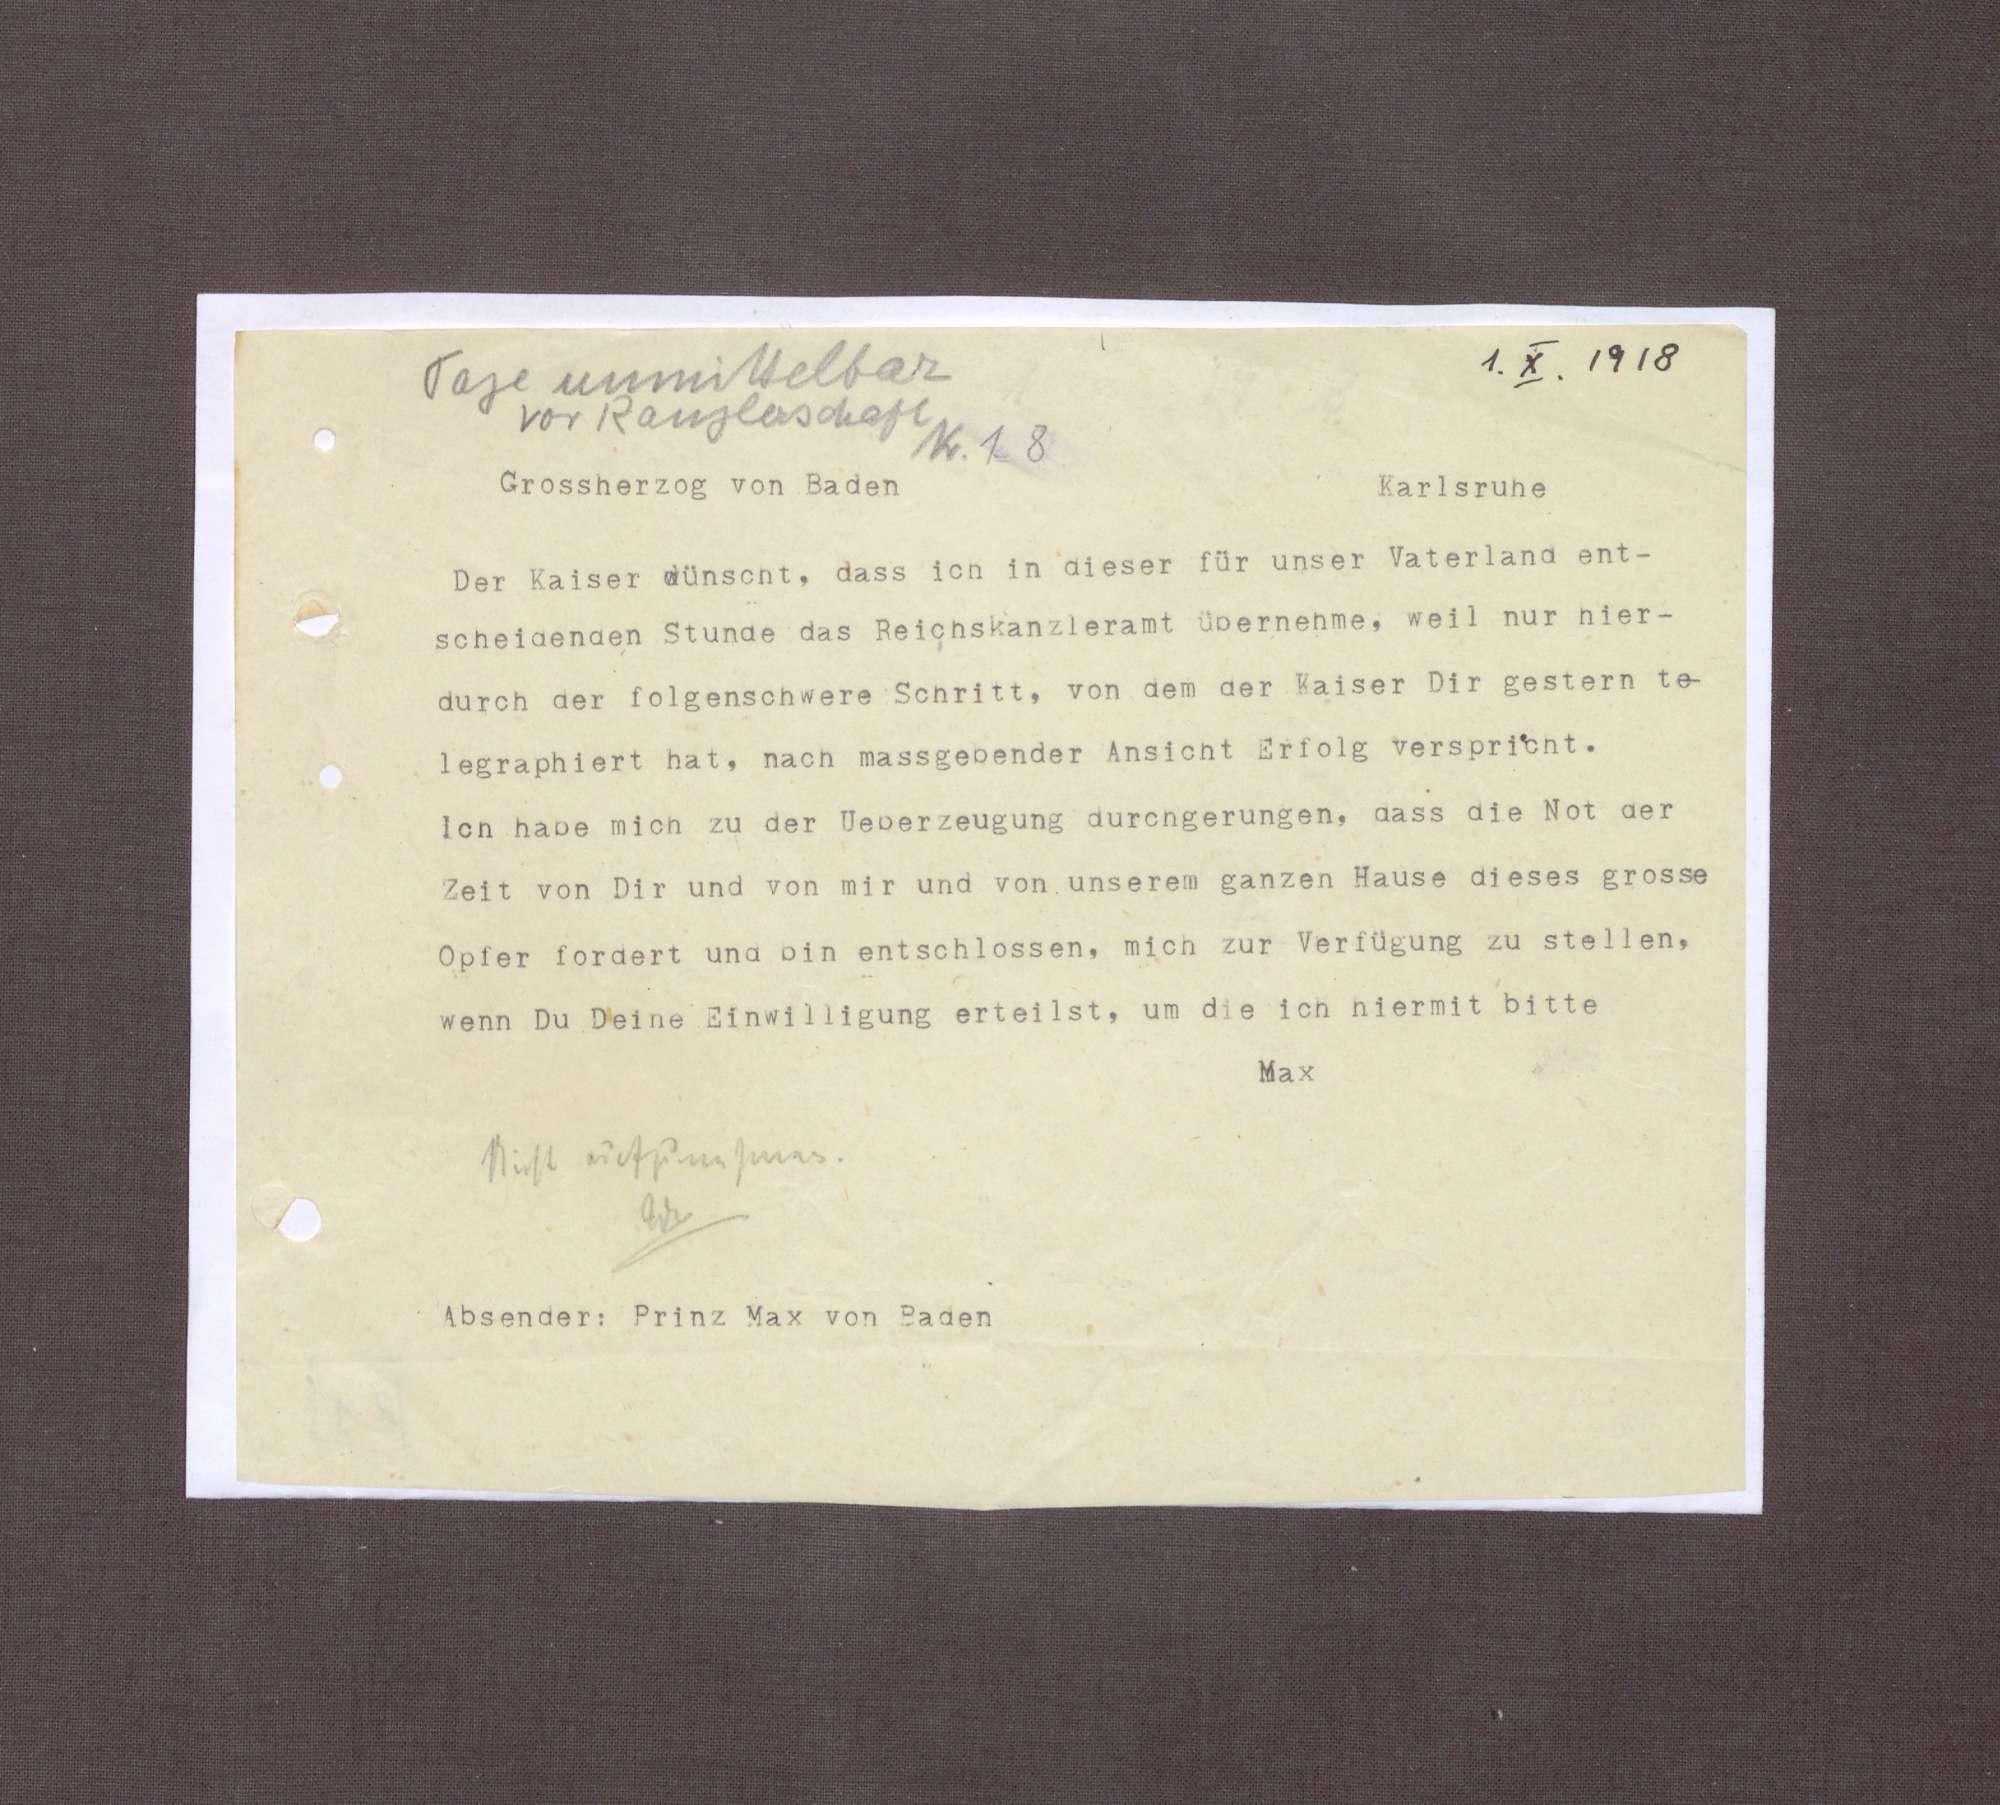 Schreiben von Prinz Max von Baden an Großherzog Friedrich II.; Bitte um die Einwilligung zur Annahme der Kanzlerschaft, Bild 1